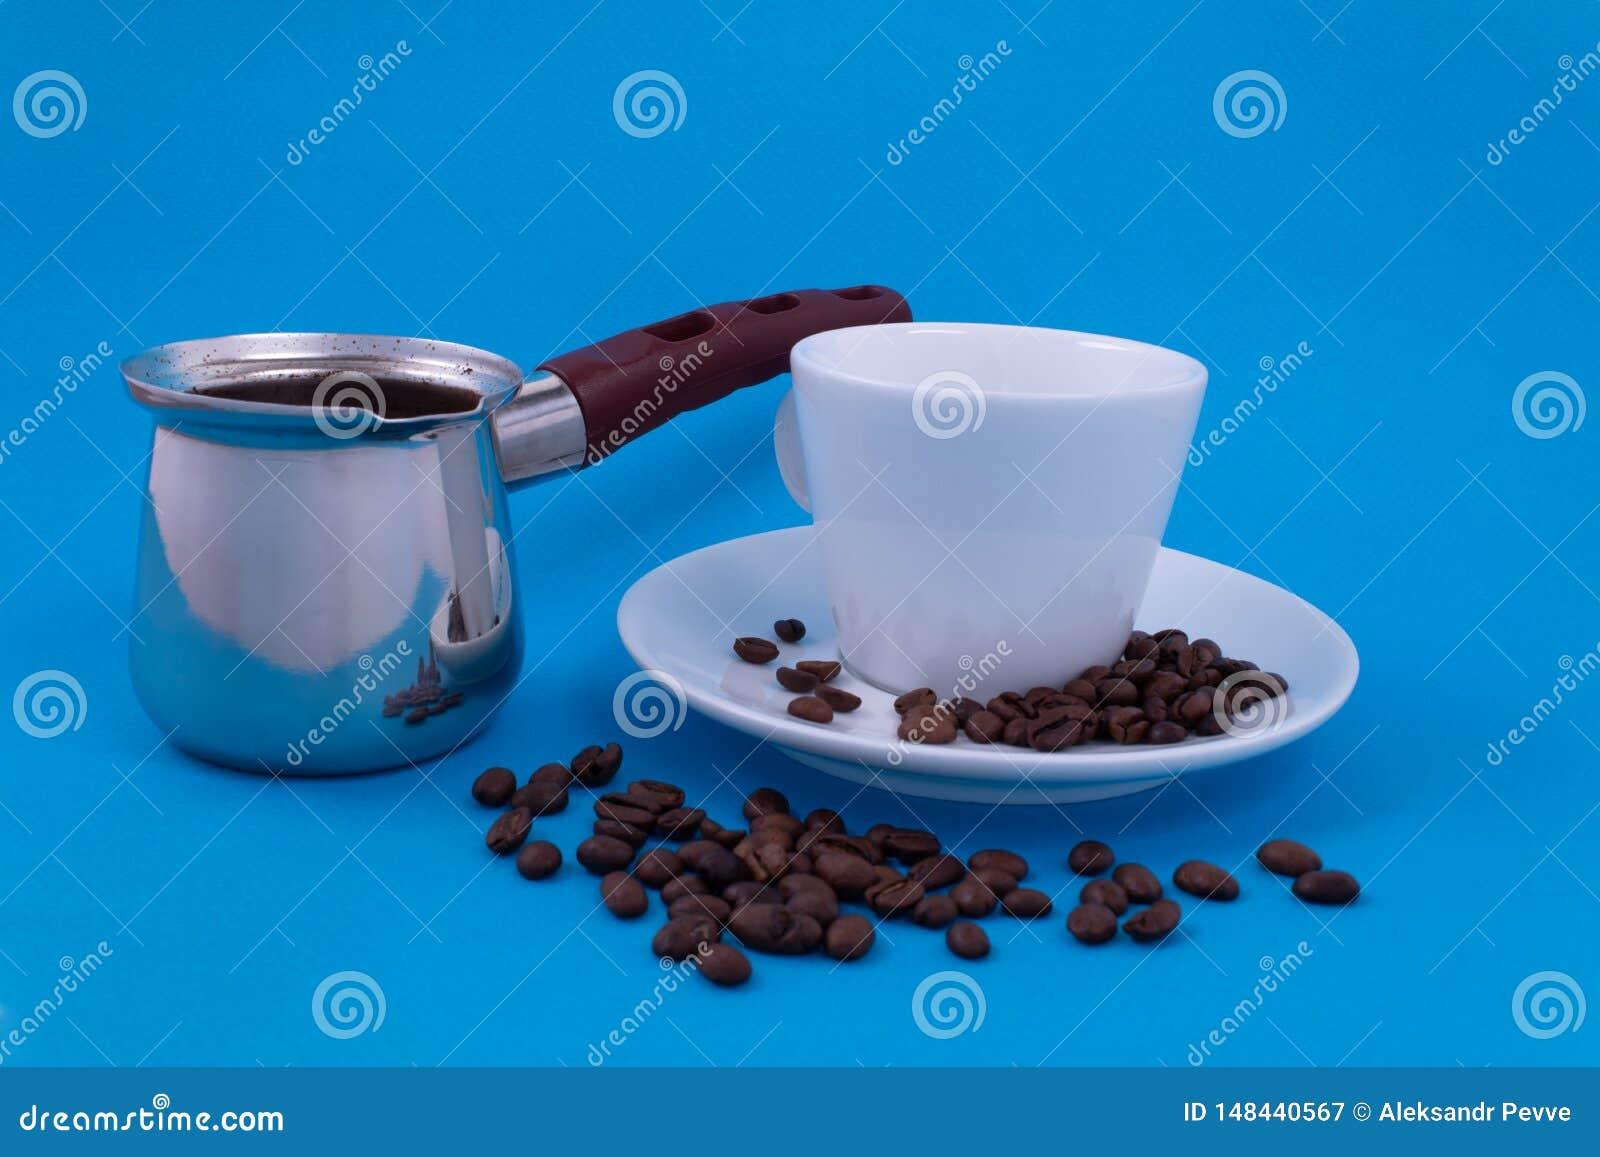 Pratos do metal com café fabricado cerveja ao lado de uma posição branca do copo da porcelana em uns pires